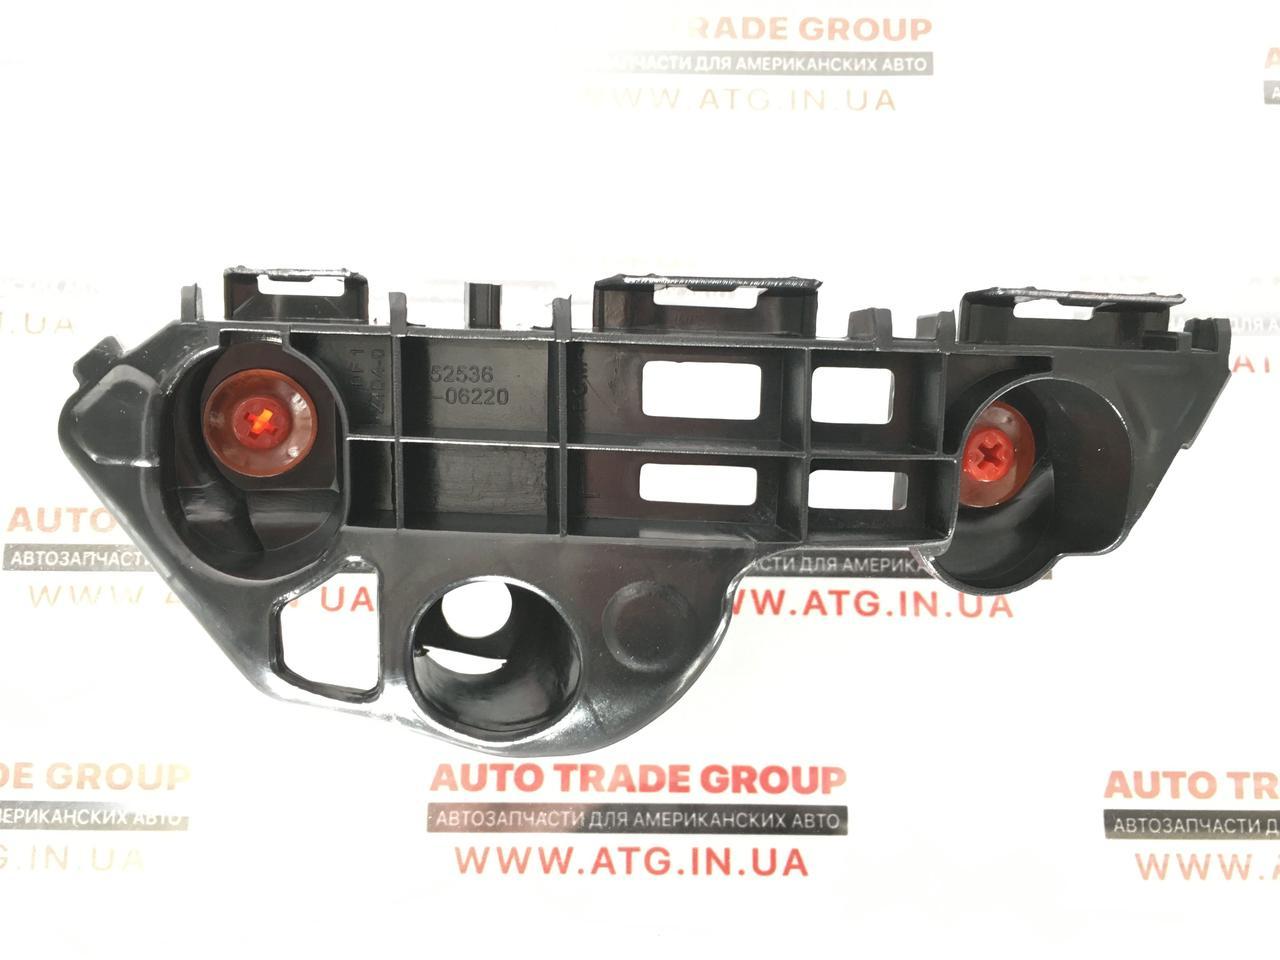 Кріплення переднього бампера ліва Toyota Camry V70 2018 - 2020 52536-06210